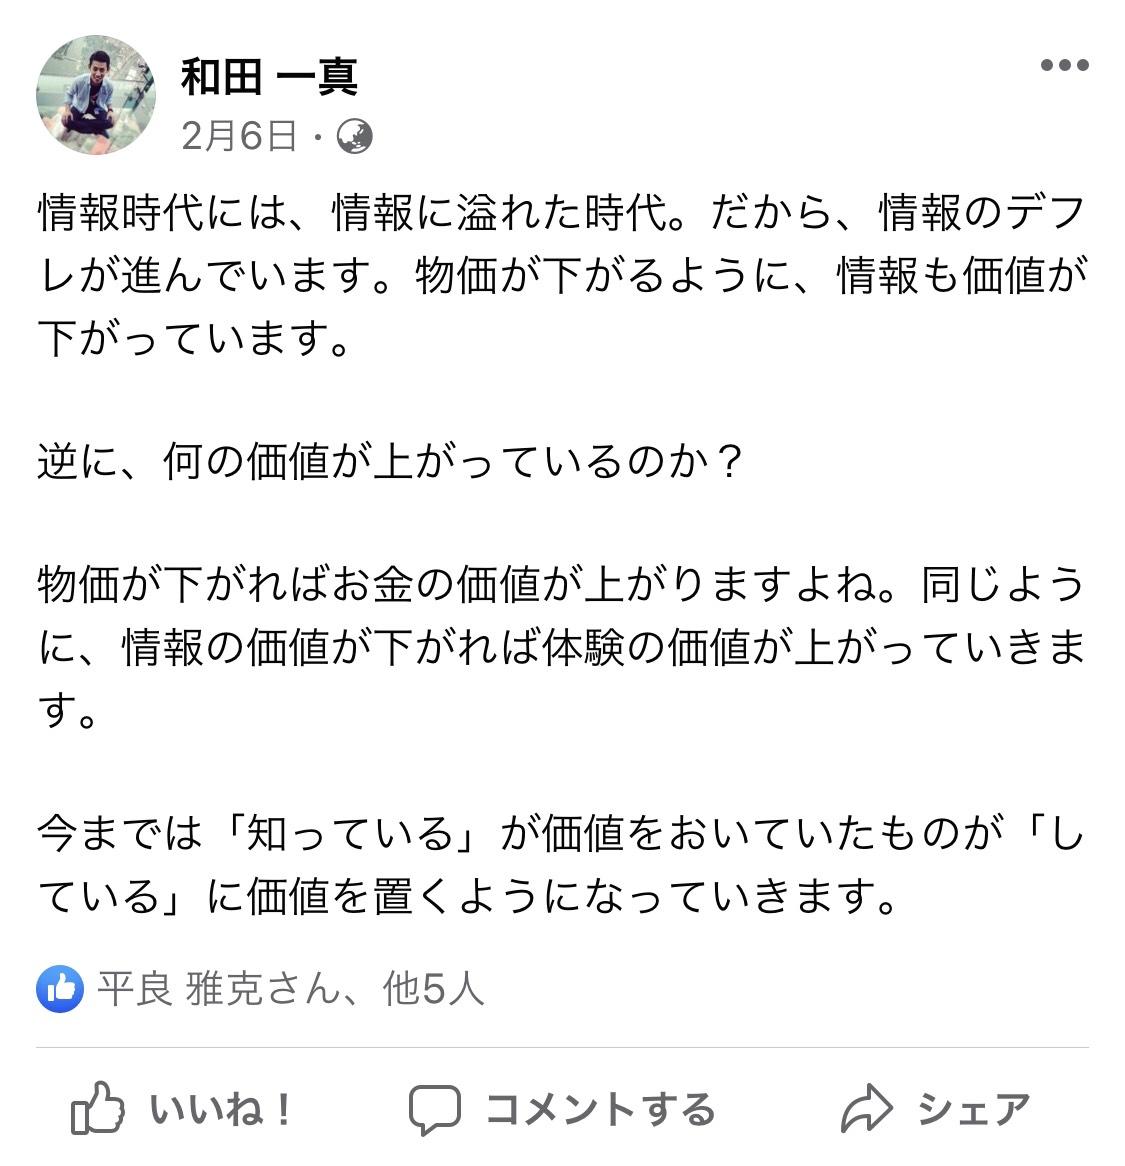 f:id:wadakazuma:20210511175330j:plain